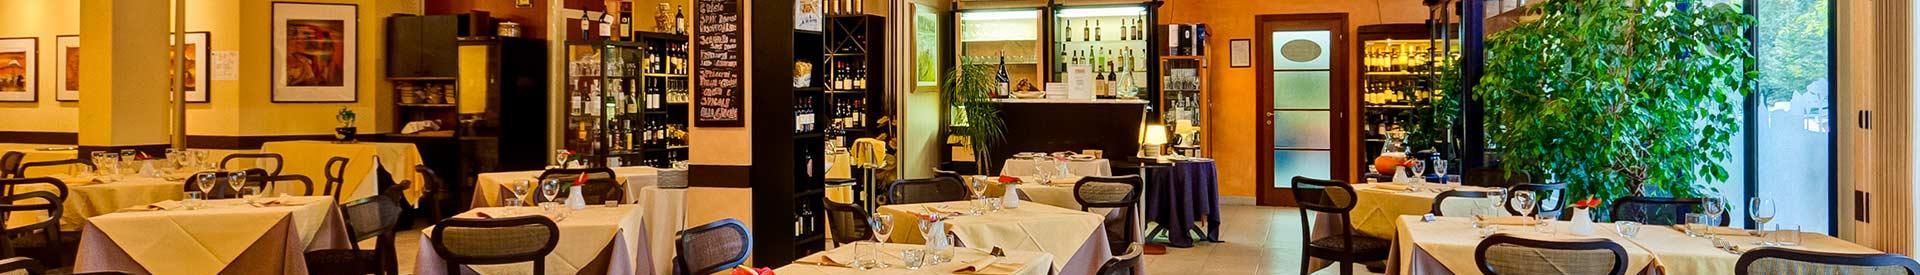 Ristorante roma tiburtina grano duro roma best western for Soggiorno blu hotel roma